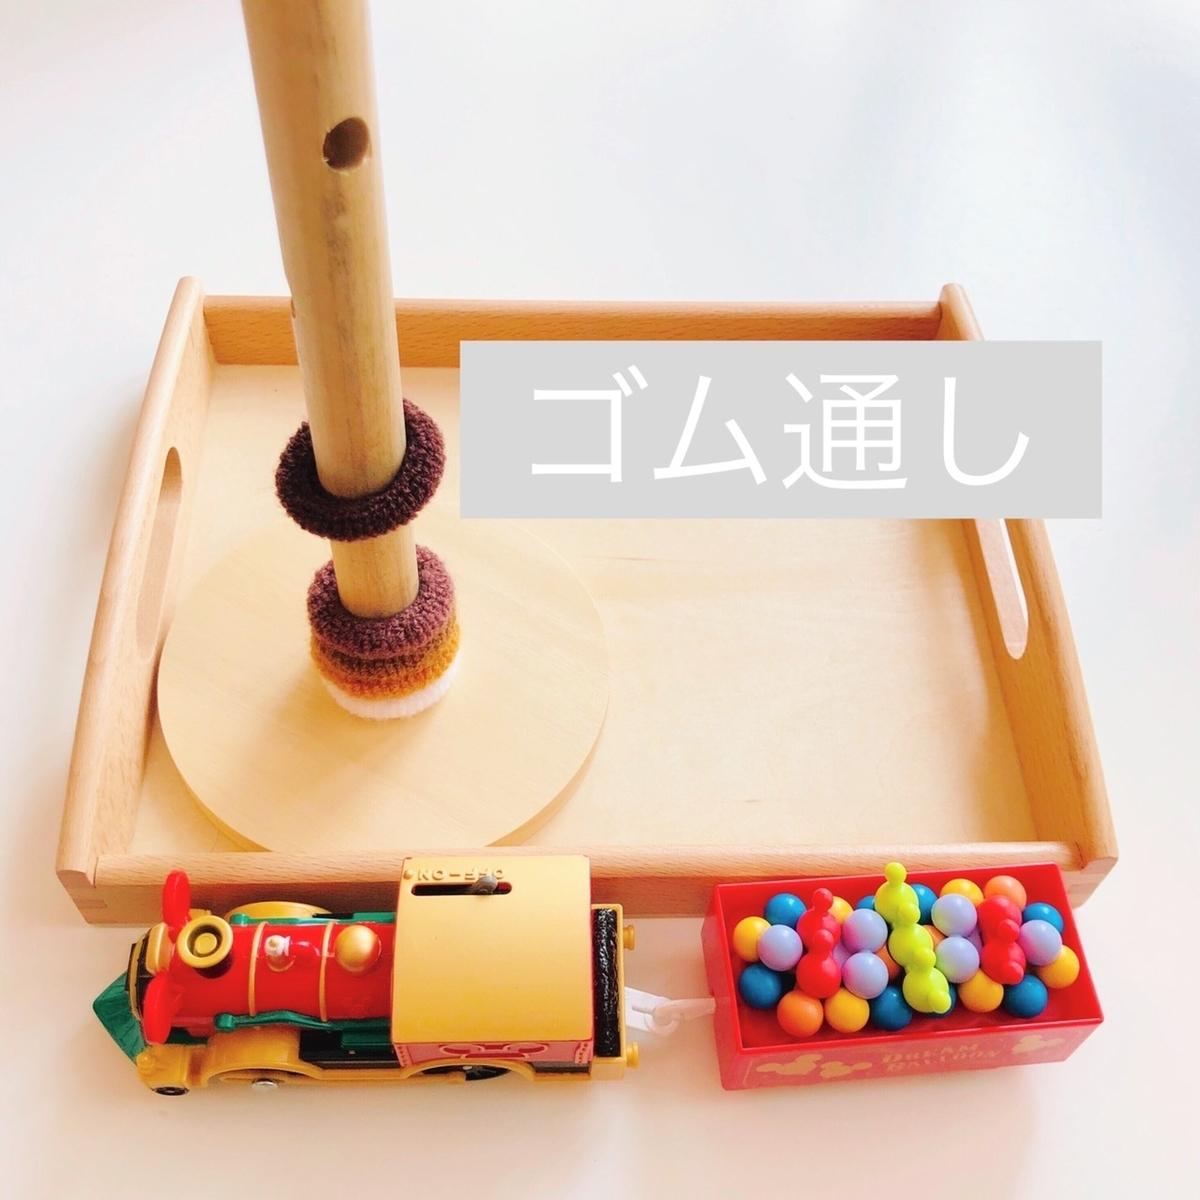 ゴム通しのおもちゃを上から撮影した写真